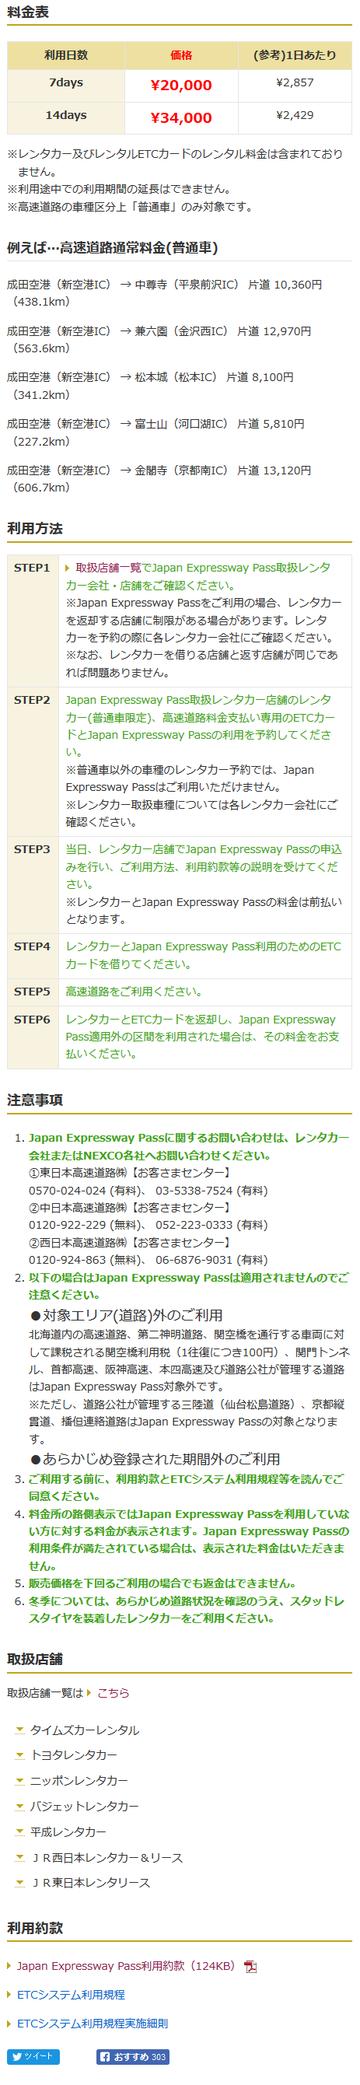 Japan Expressway Pass  ドラ割  2